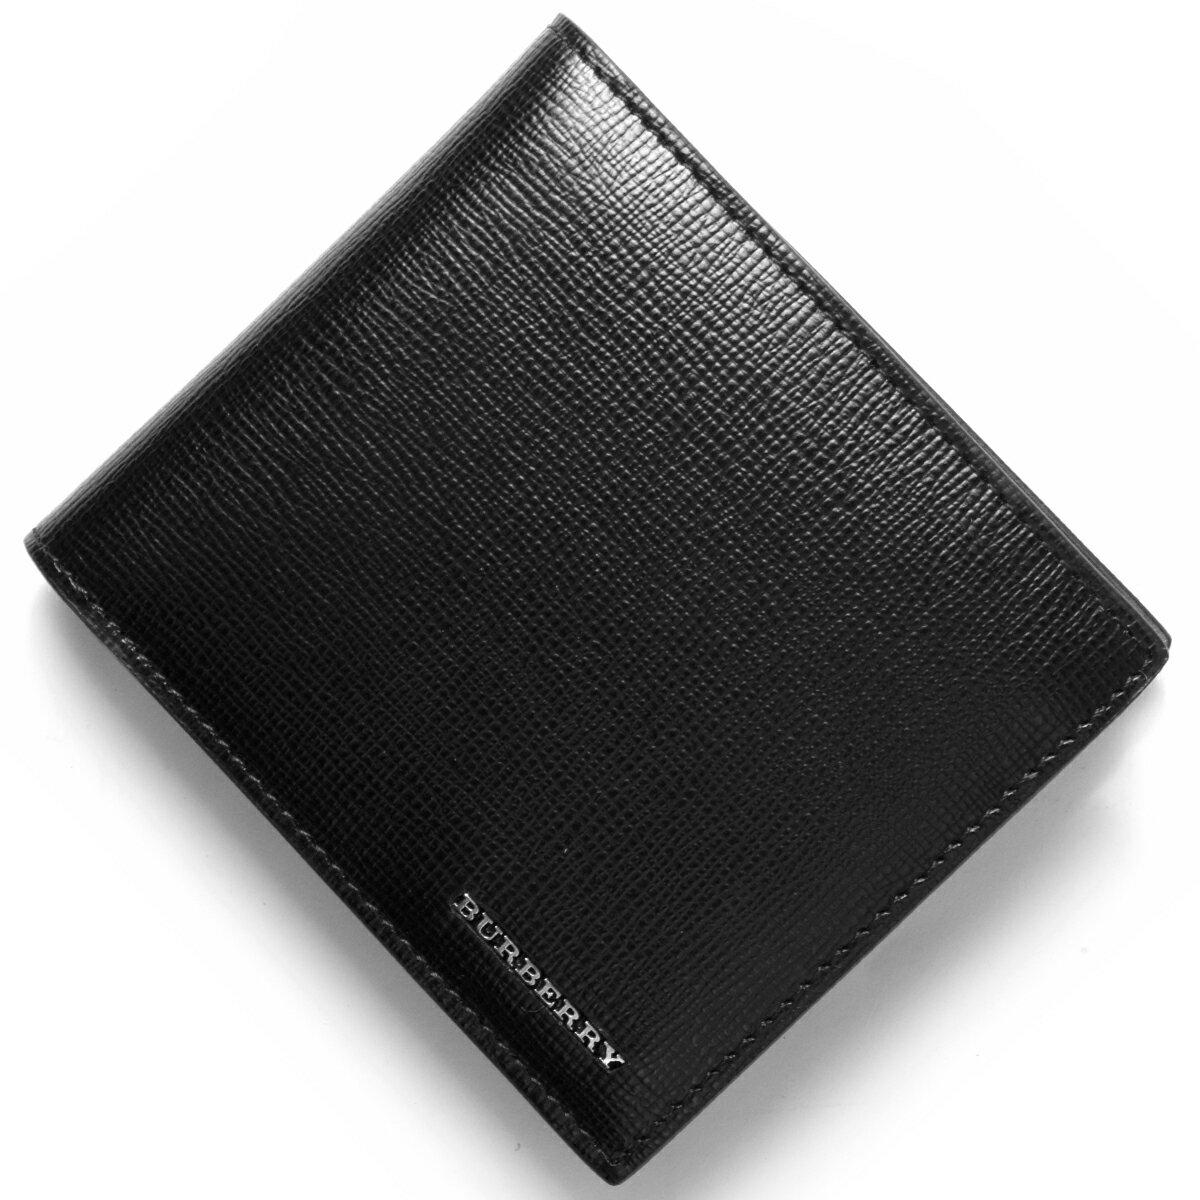 バーバリー BURBERRY 二つ折財布 ロンドン 【LONDON】 ブラック 3997618 00100 メンズ